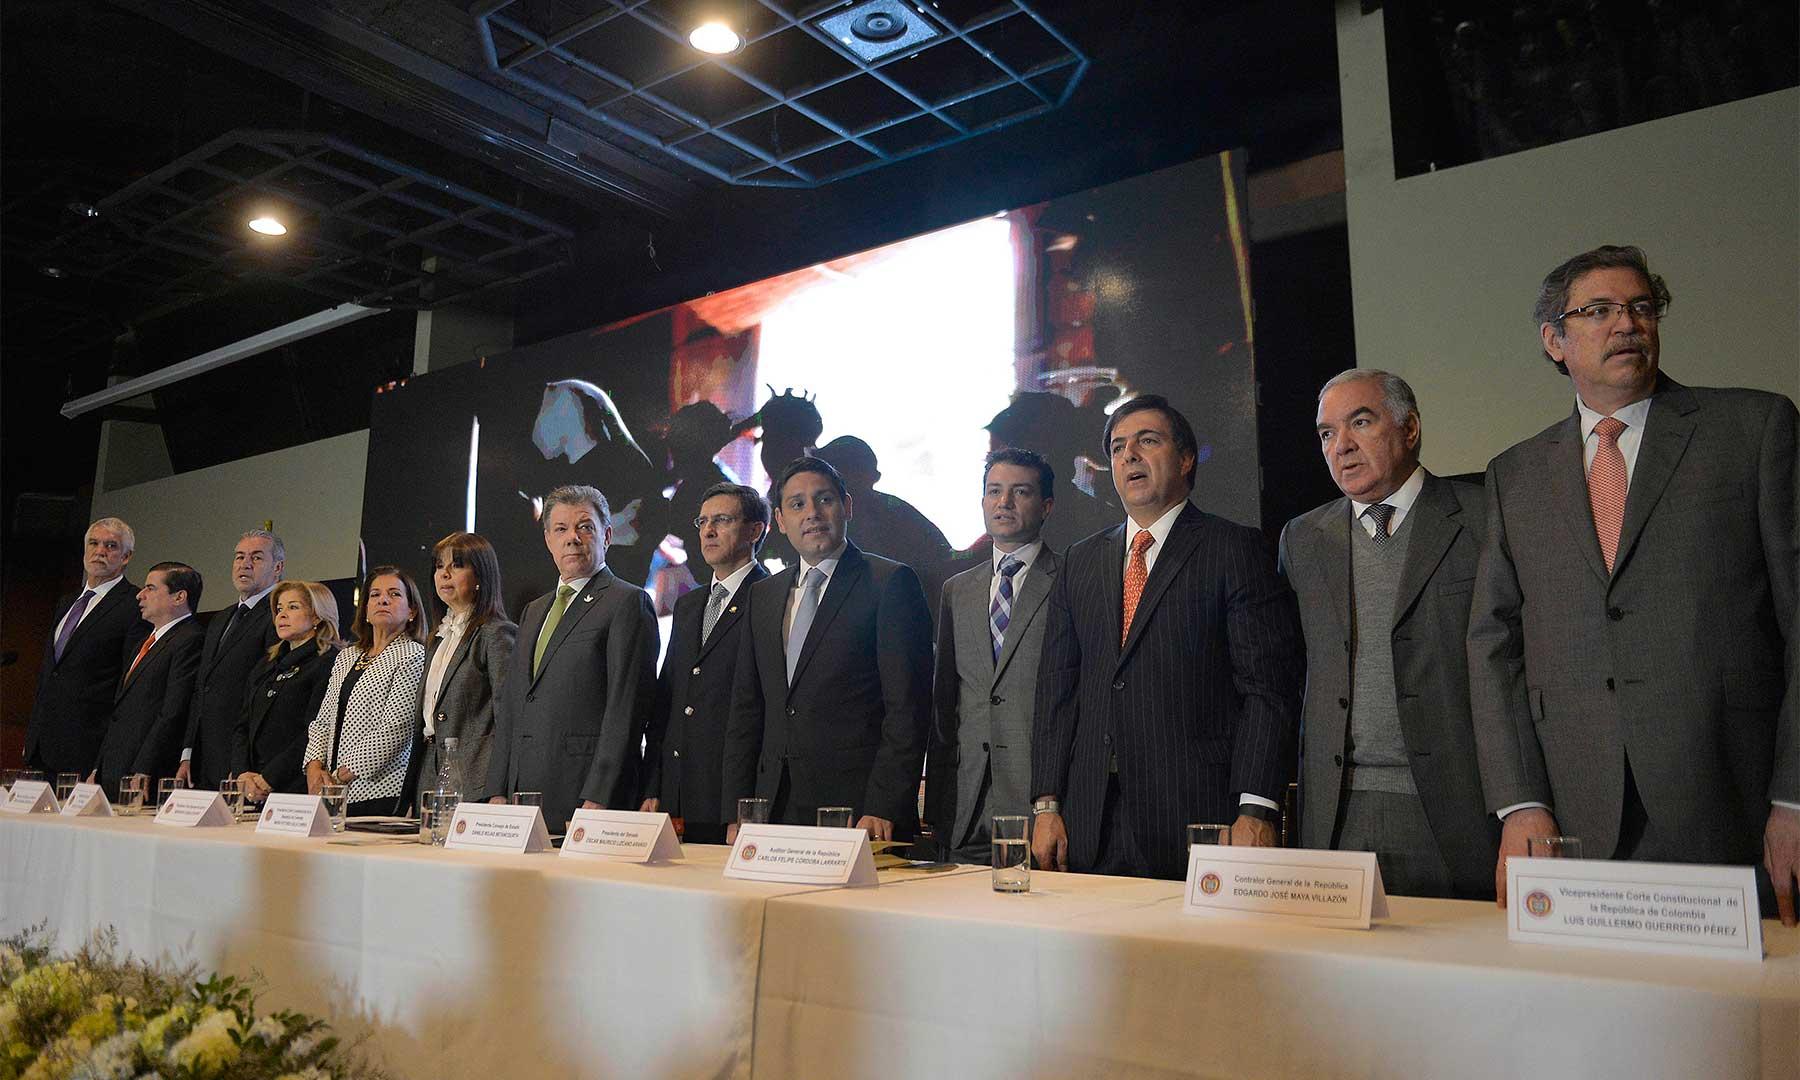 El Presidente Santos acompañó a los presidentes y máximos representantes de las altas cortes de justicia y organismos de control en la inauguración del XI Encuentro de la Jurisdicción Constitucional.